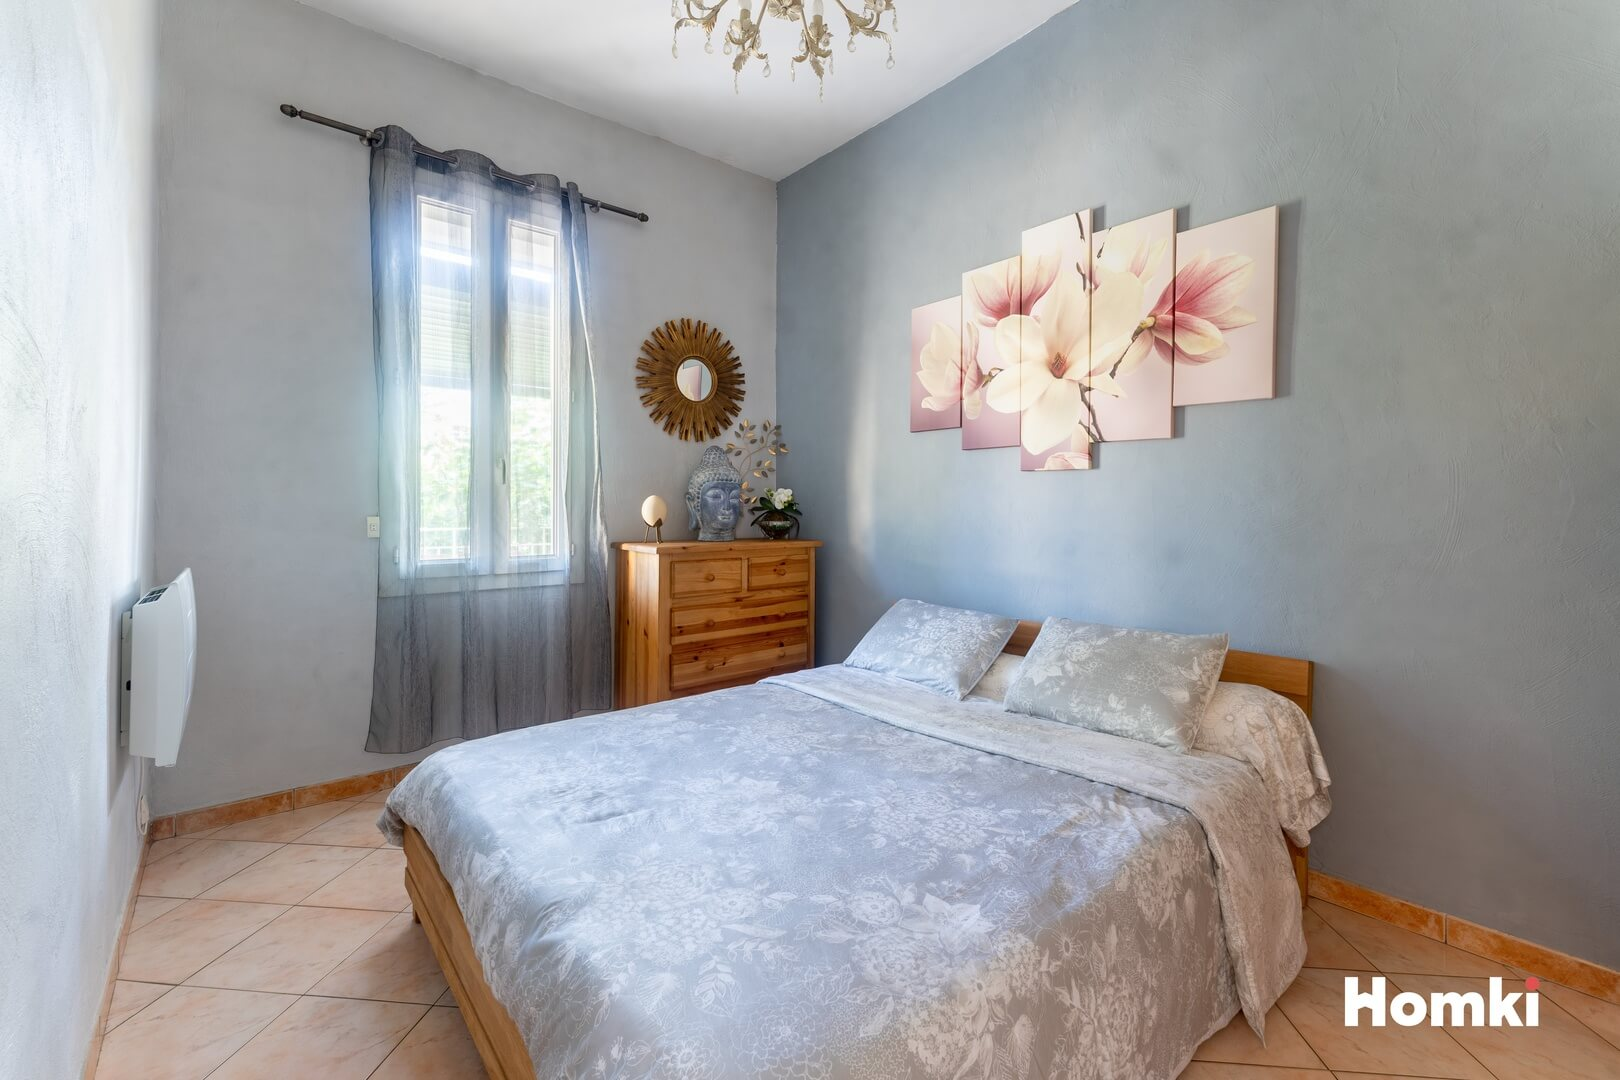 Homki - Vente Maison/villa  de 65.0 m² à Marseille 13015